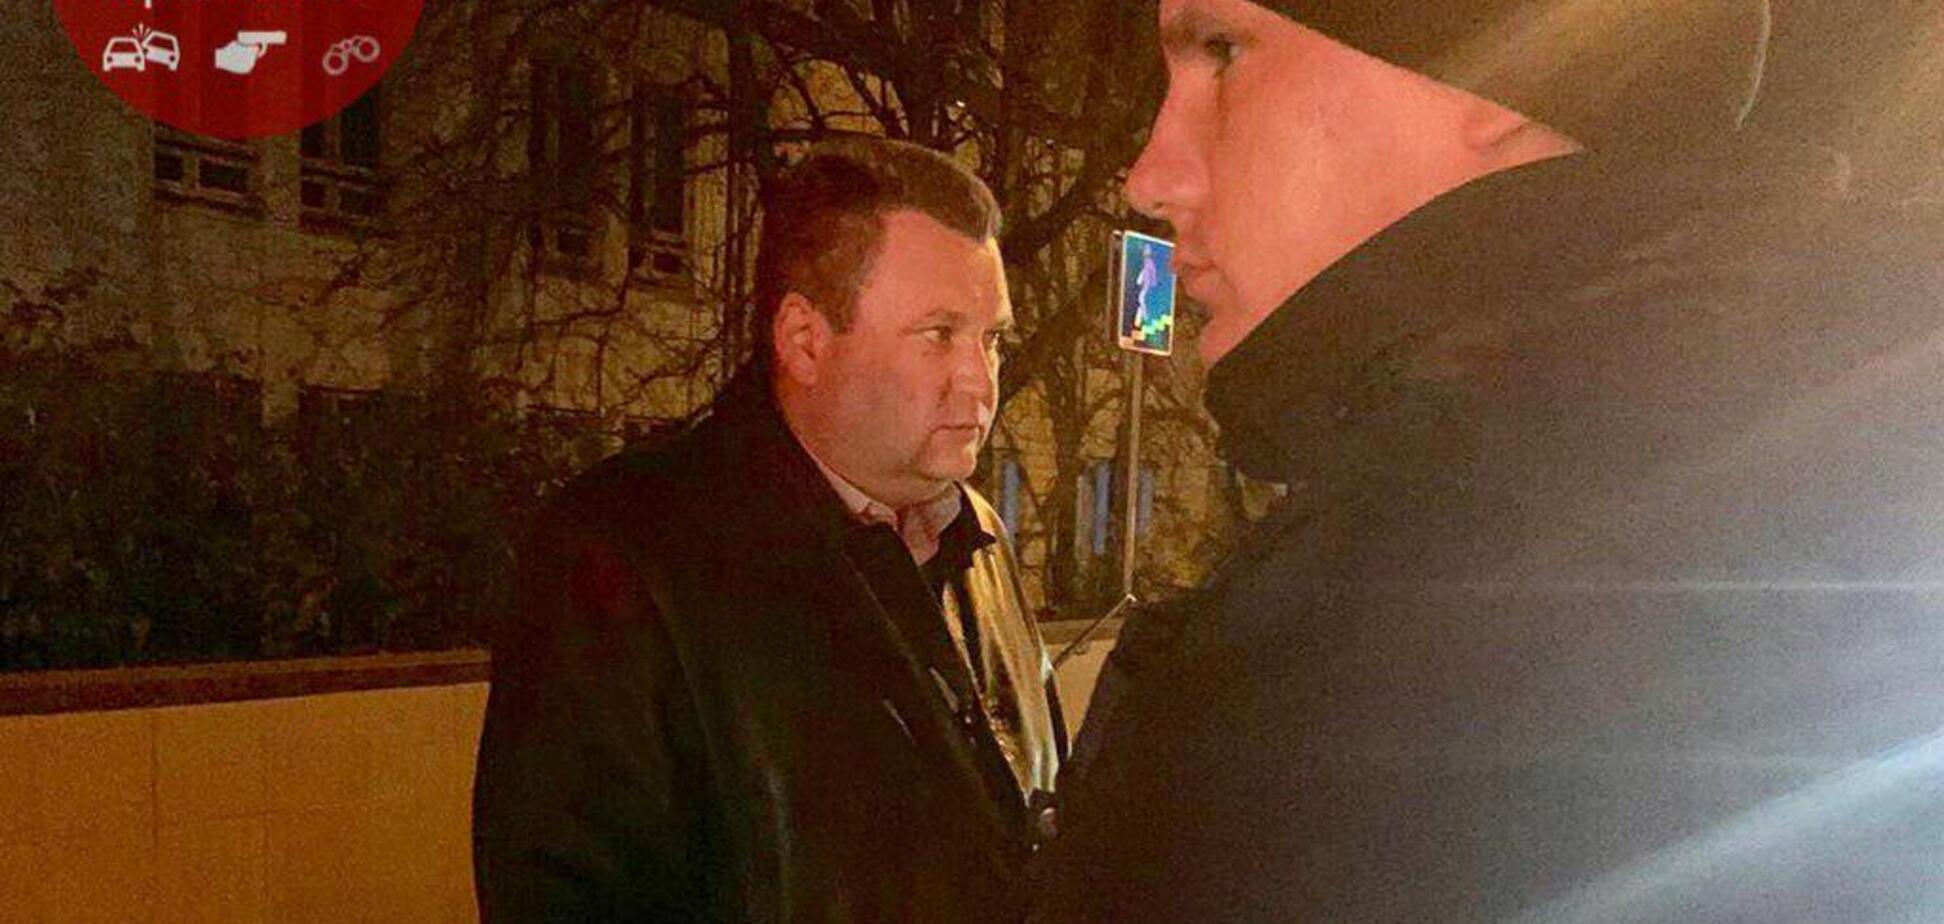 'Я вас на ноль умножу!' В Киеве одиозный сотрудник ГПУ устроил скандал полиции. Фото